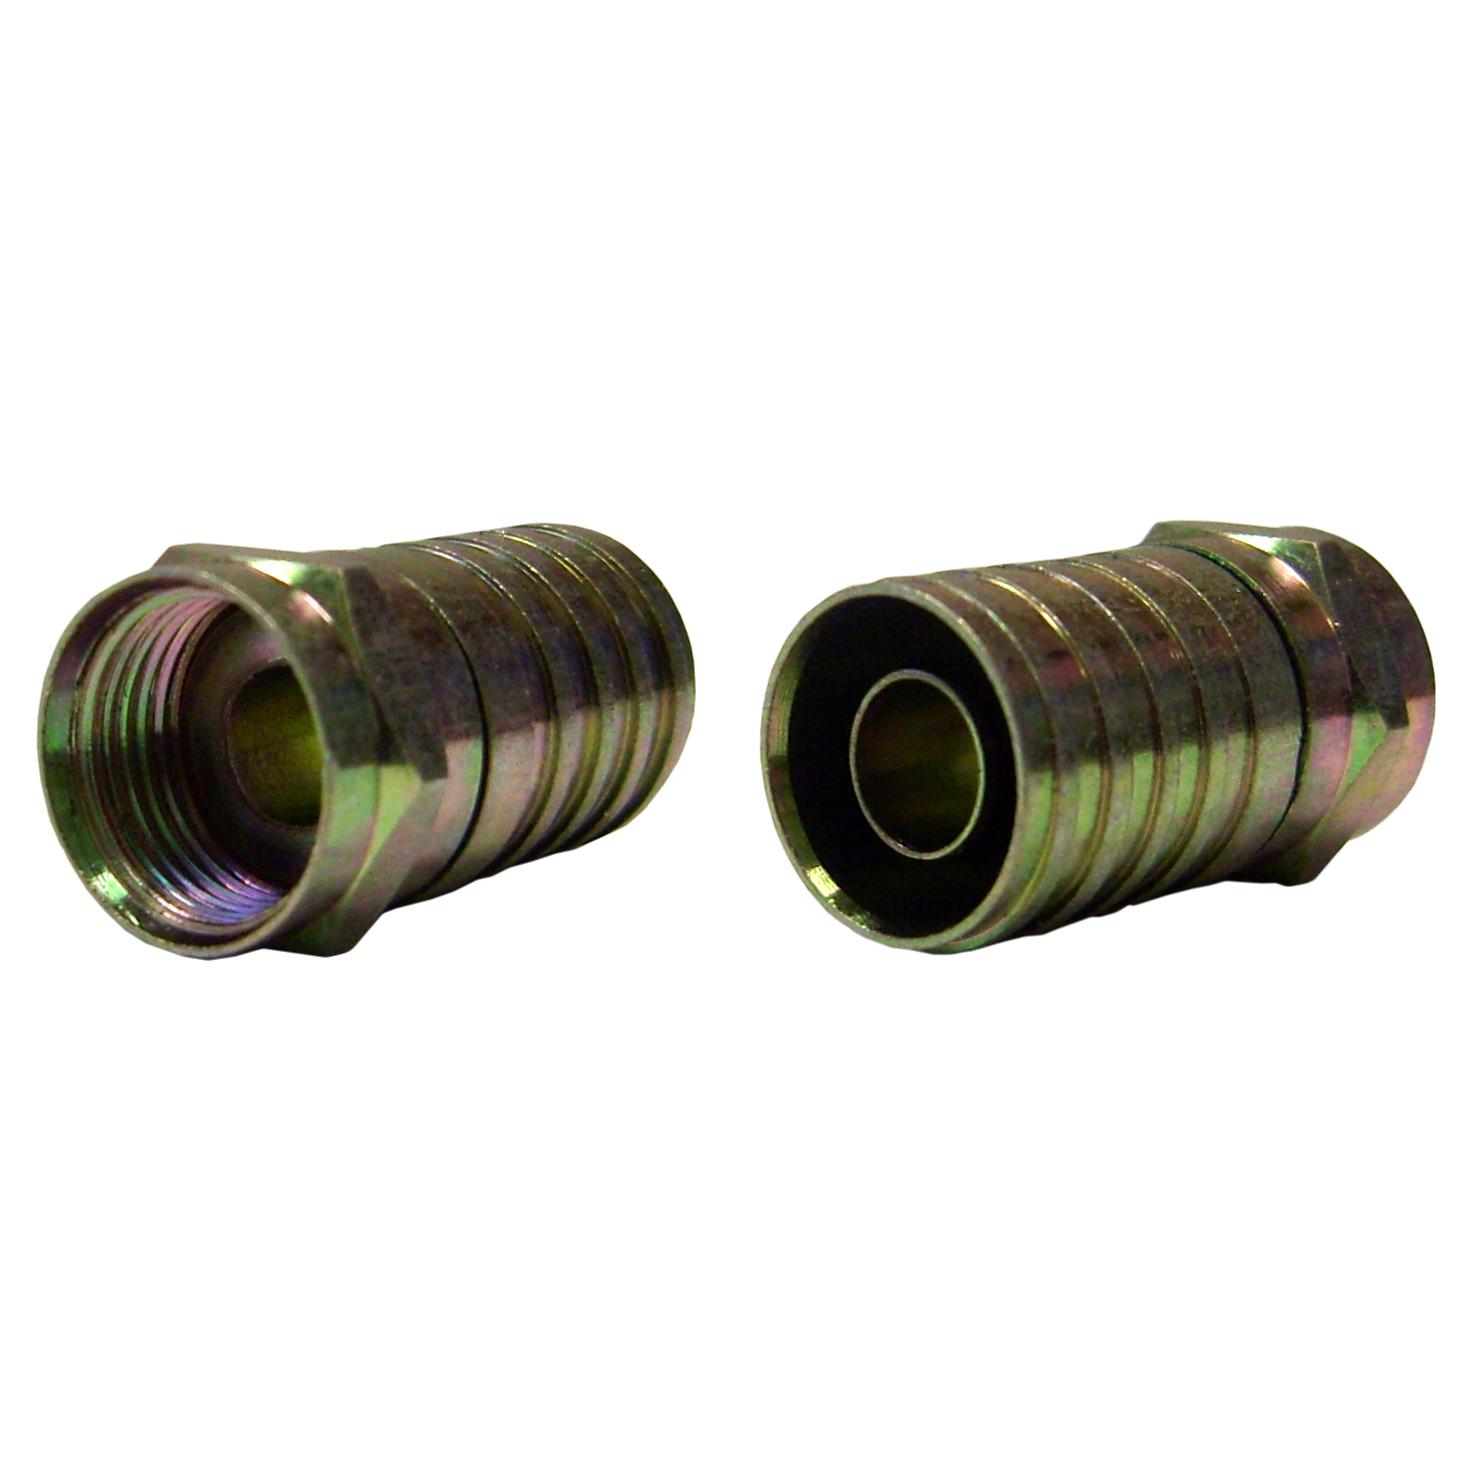 Rg quad connector crimp type